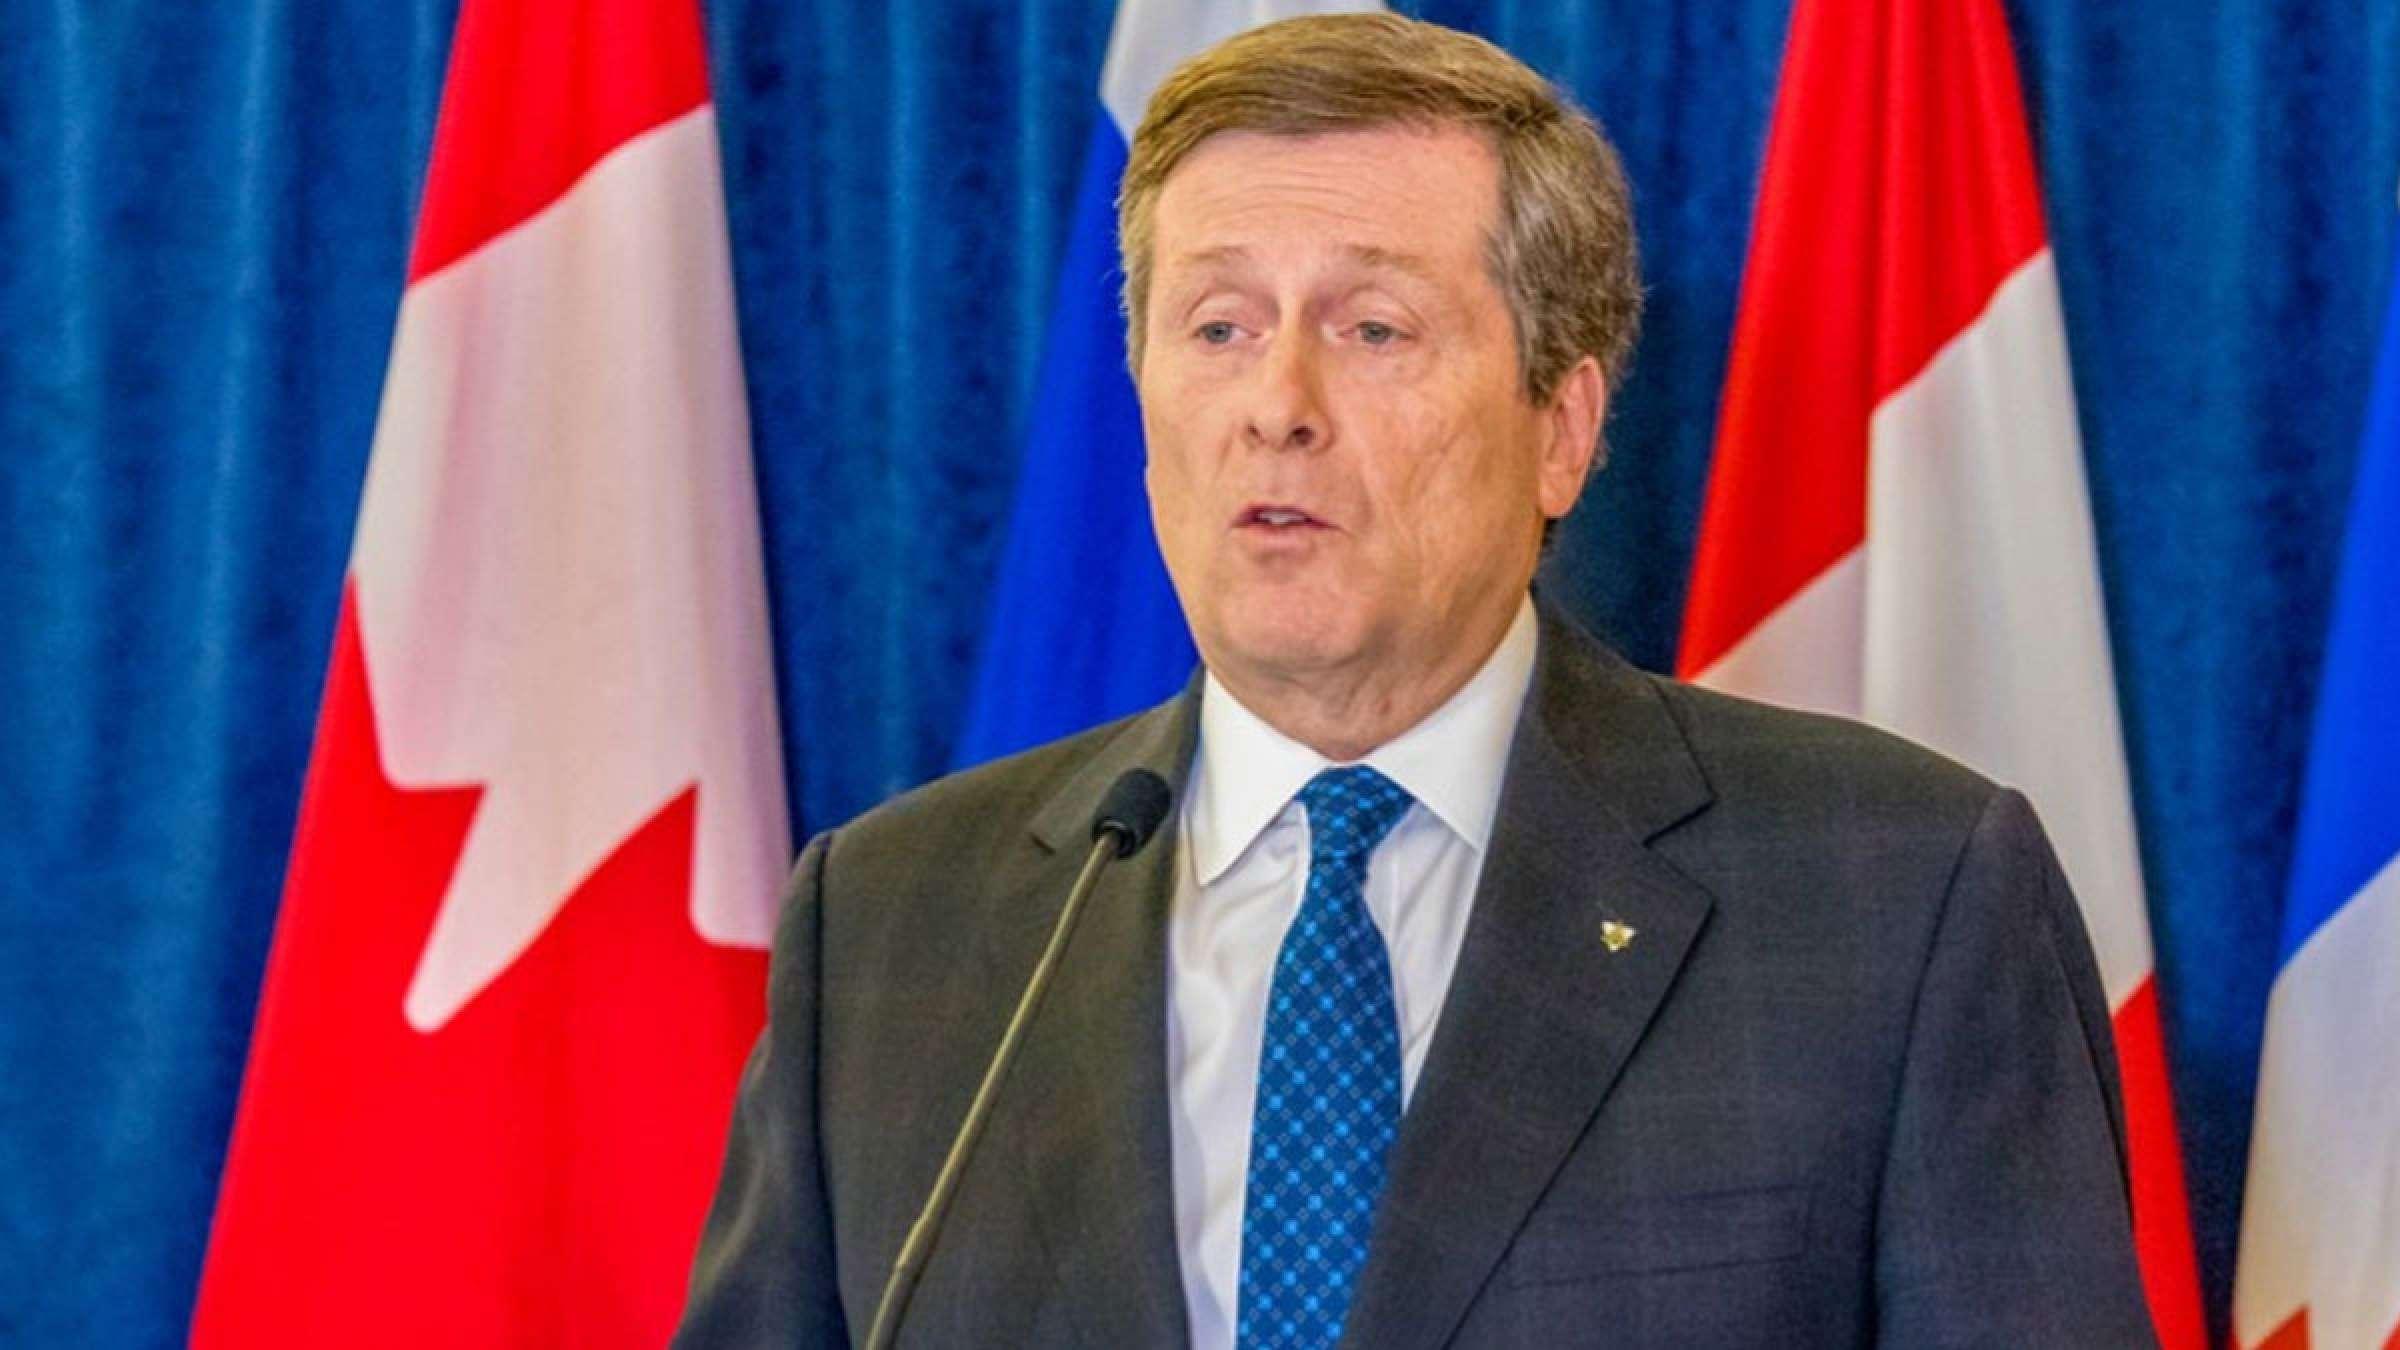 اخبار-تورنتو-شهرداری-پول-نرسد-مجبور-به-افزایش-۵۰-درصدی-مالیات-املاک-هستیم